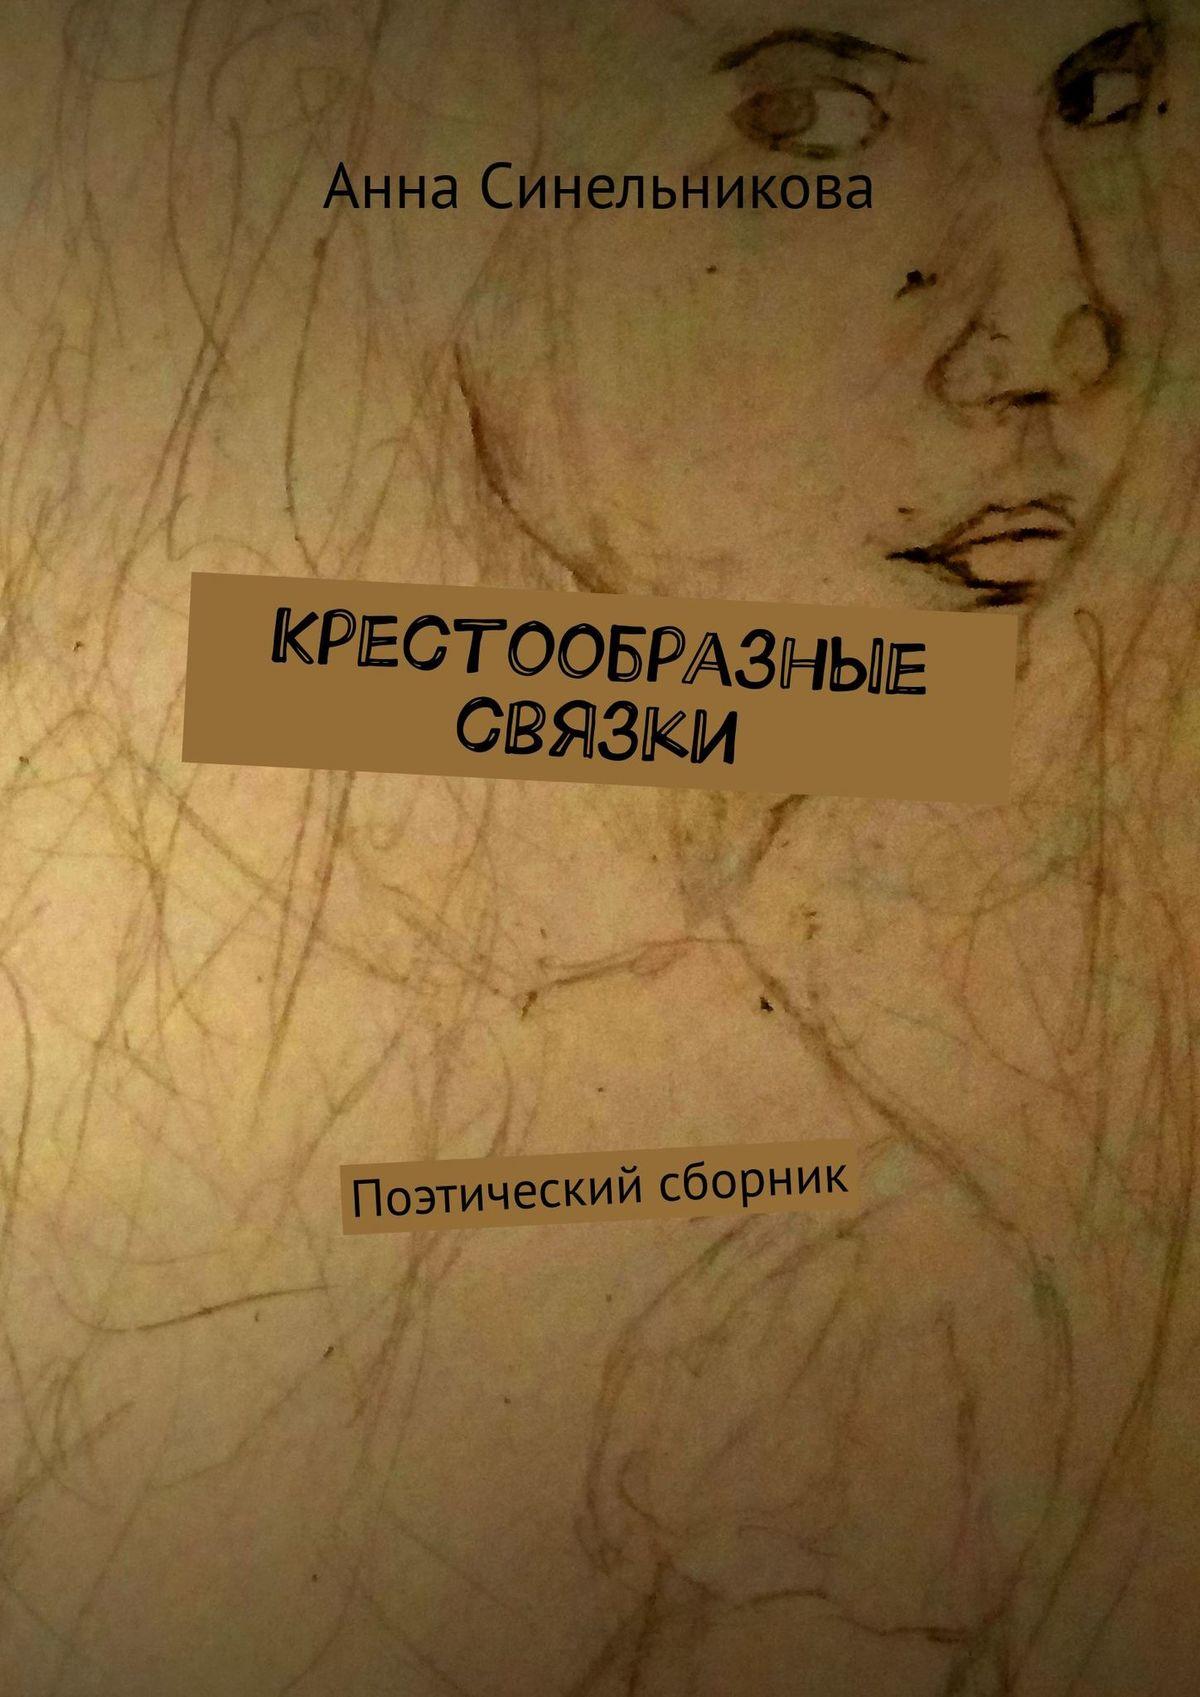 Анна Синельникова Крестообразные связки. Поэтический сборник ольга герр любить нельзя ненавидеть